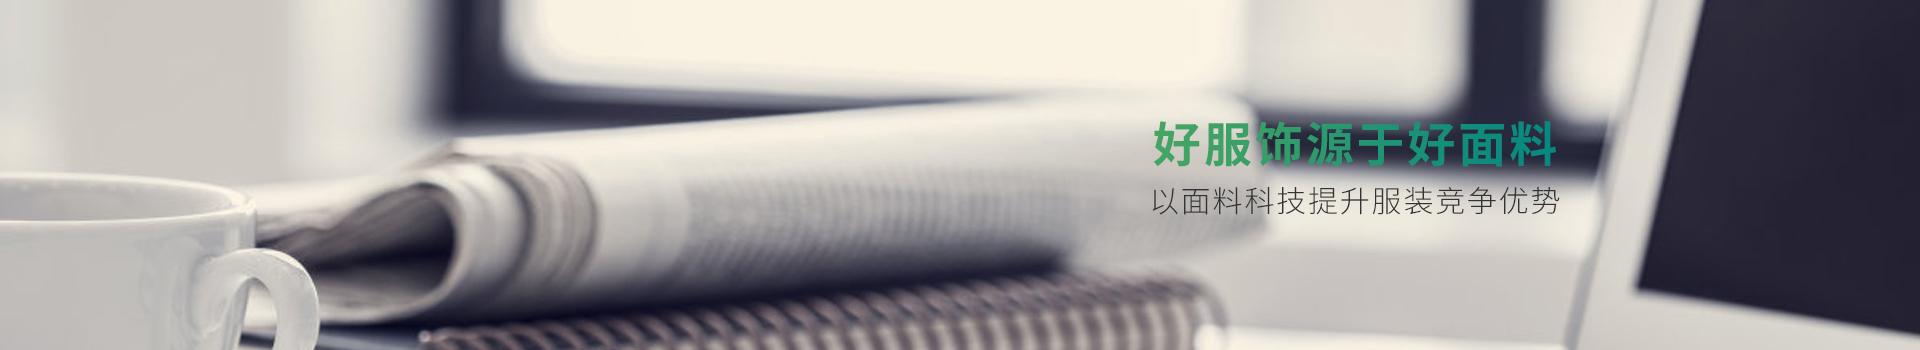 泛馨纺织-好服饰源于好面料,以面料科技提升服装竞争优势